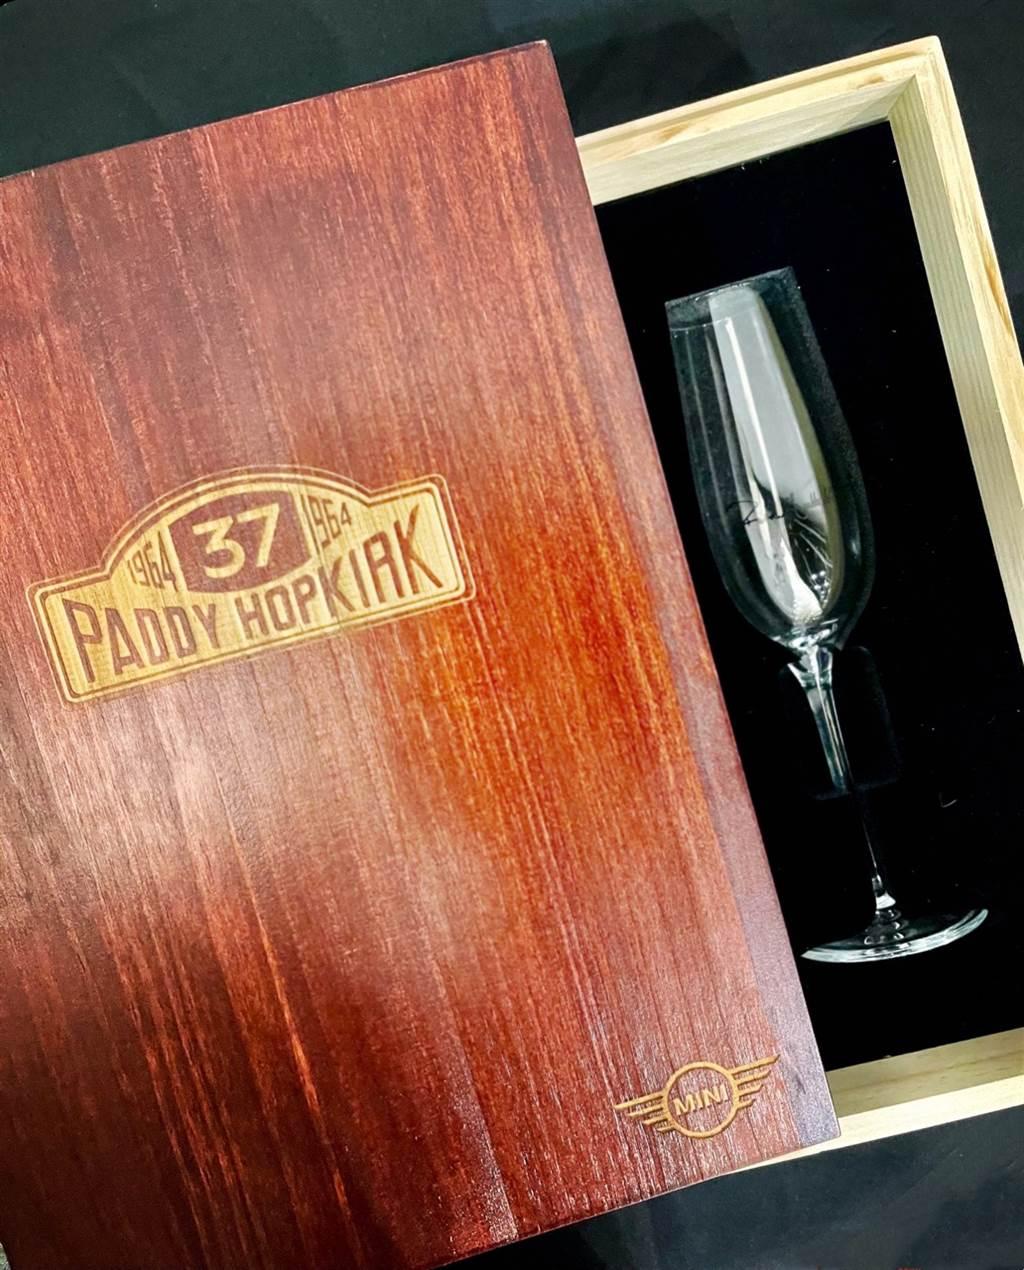 台灣專屬交車禮為MINI與Paddy Hopkirk聯名〈MINI冠軍香檳杯組〉(一組兩個)。